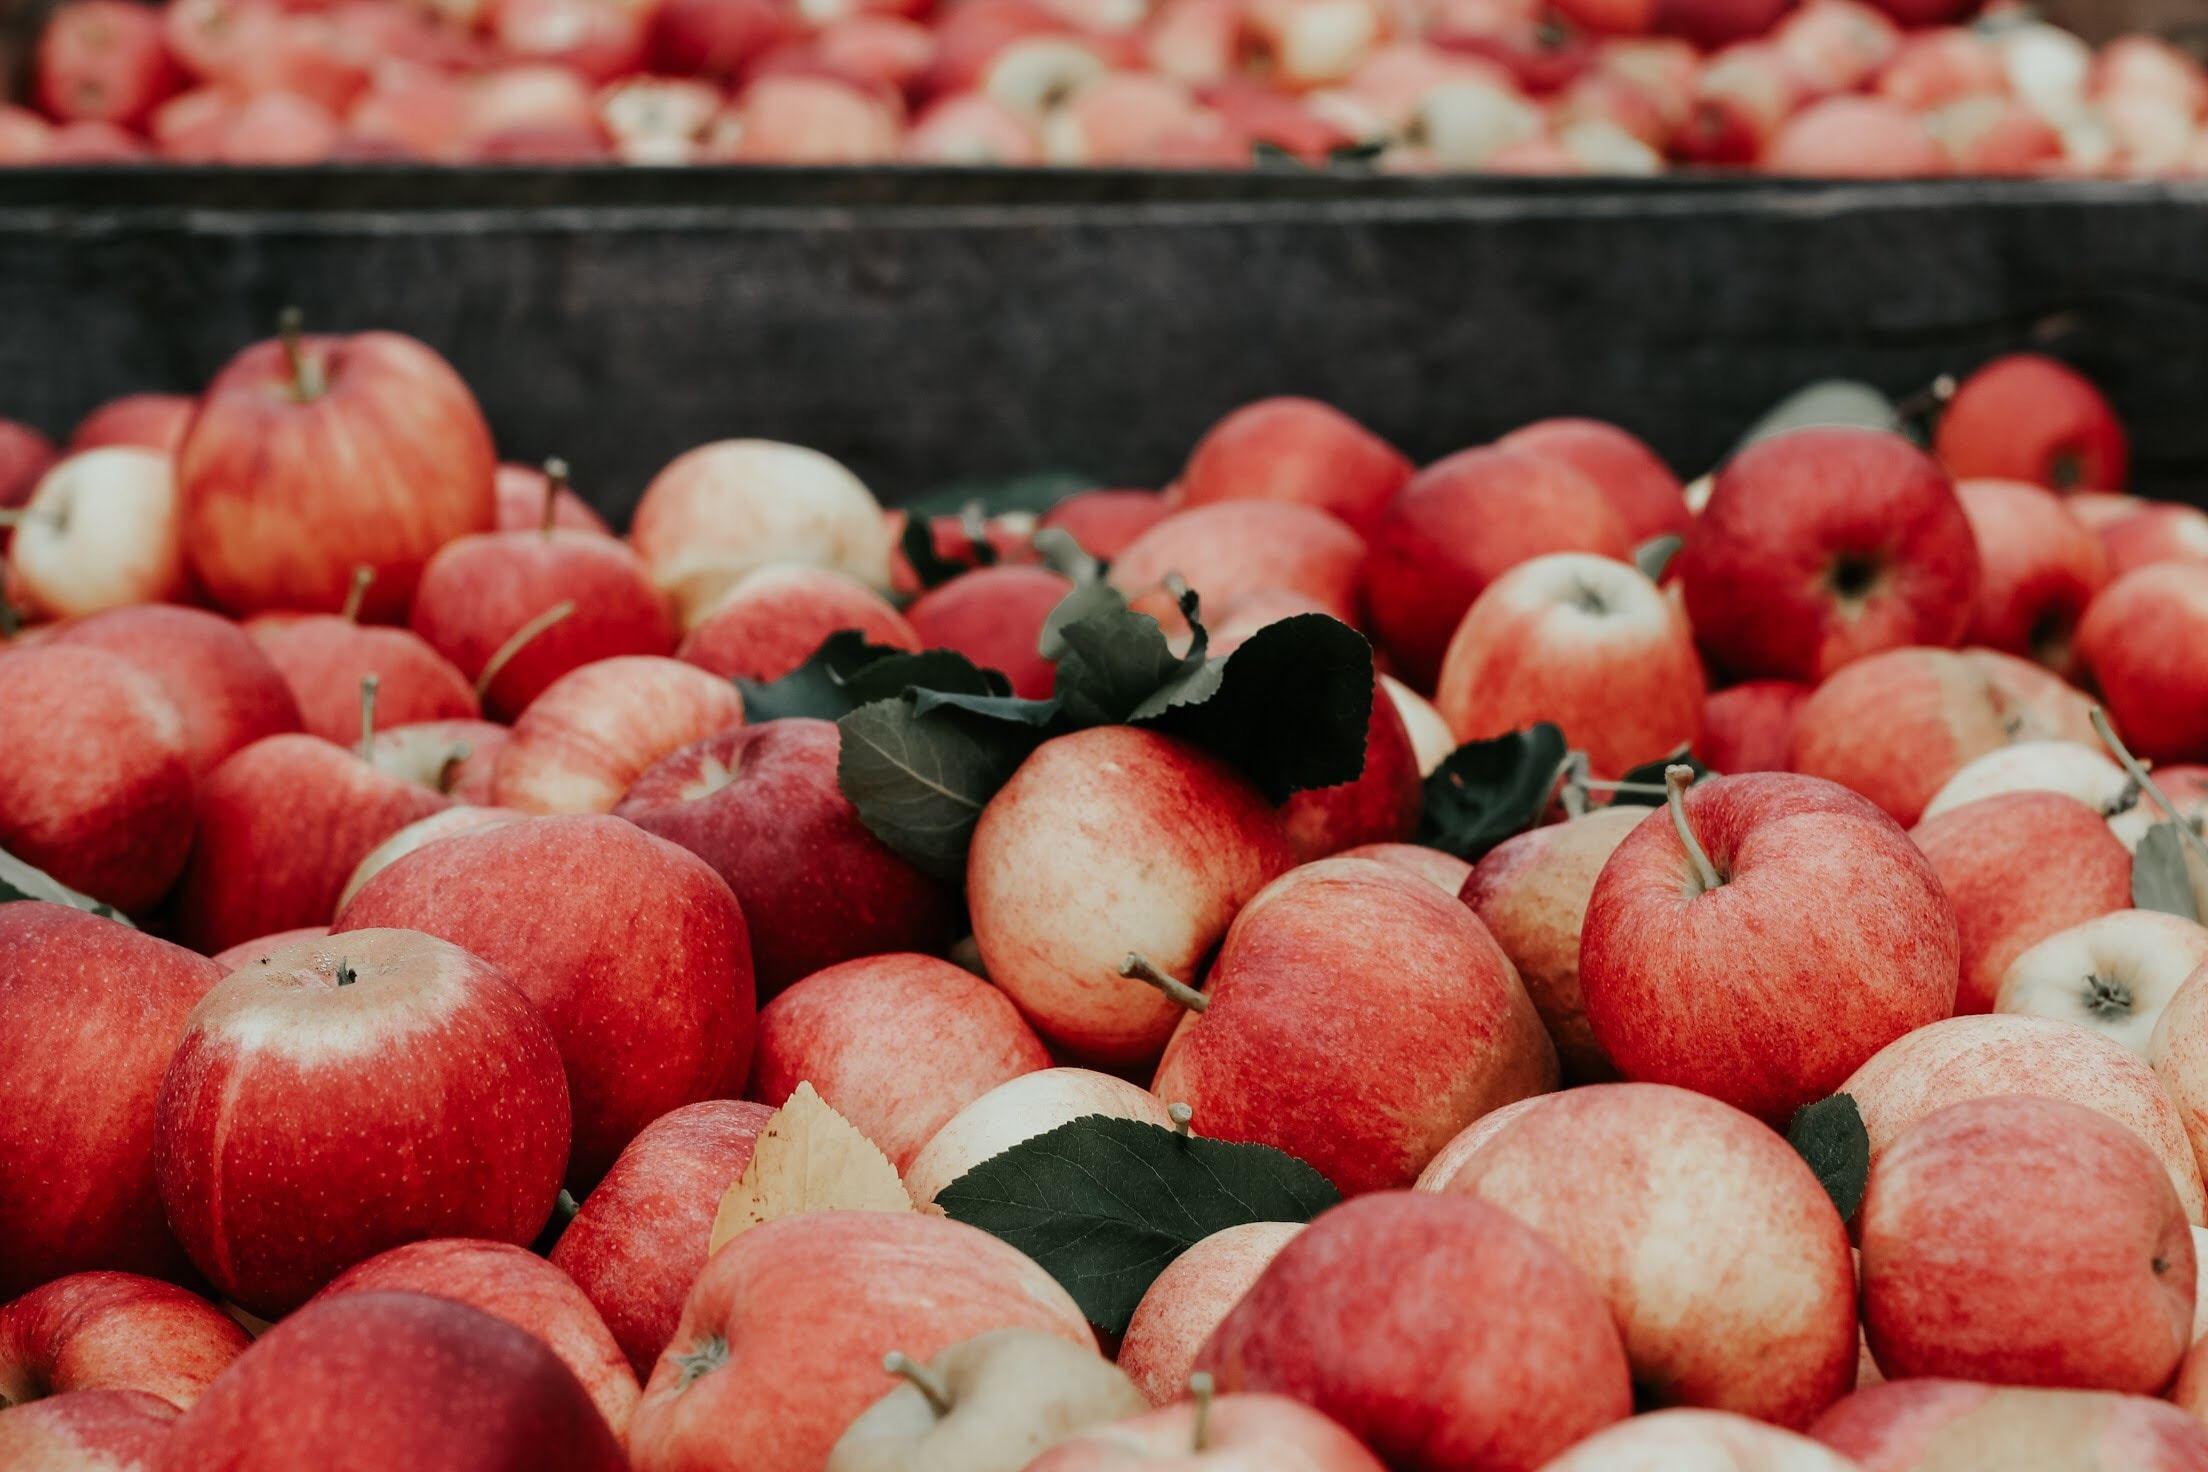 Verger Au Coeur de la Pomme